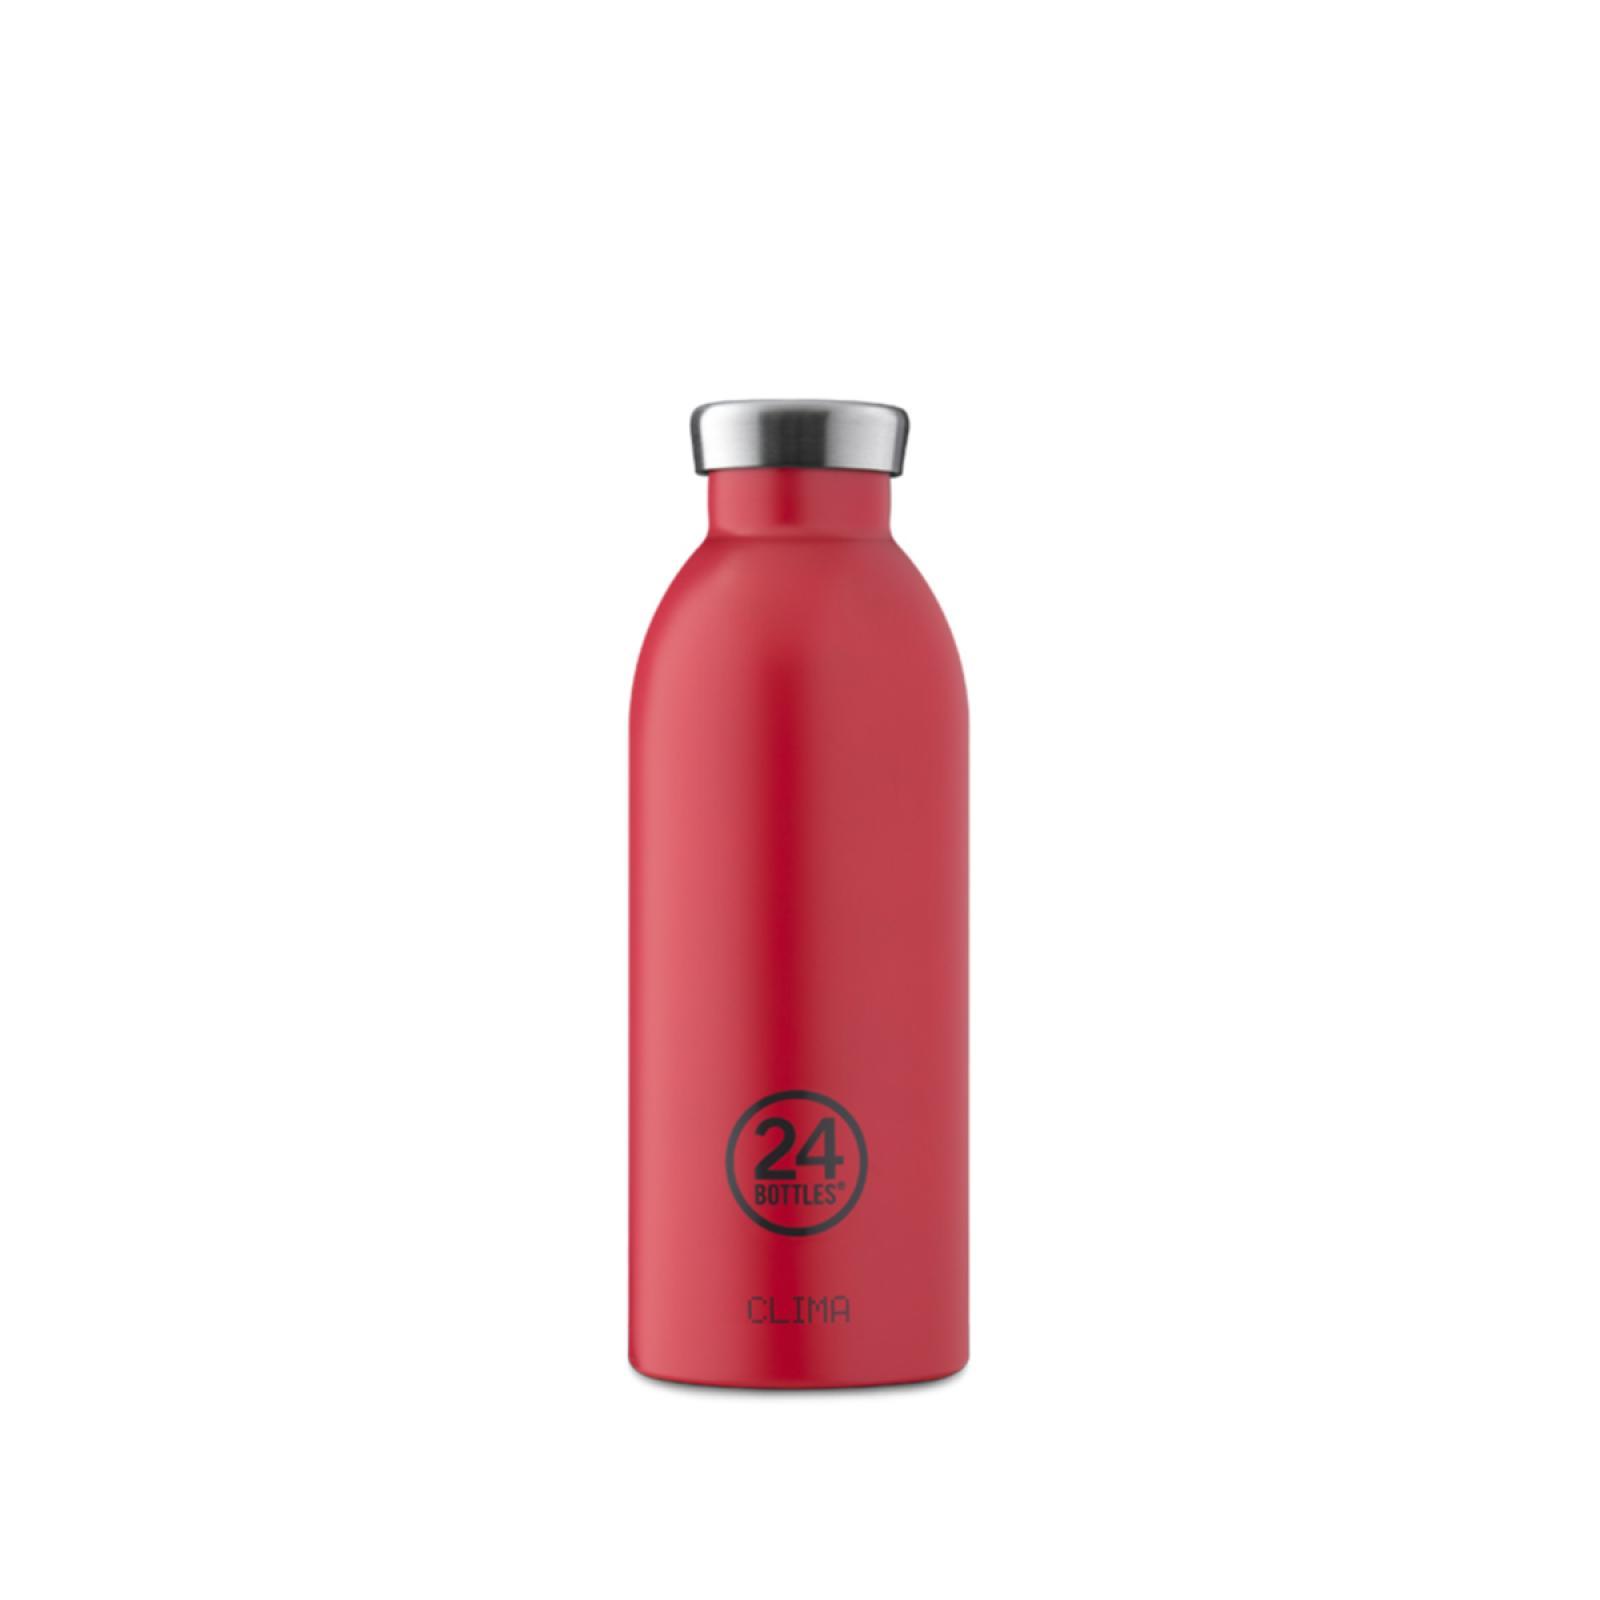 24BO Clima Bottle Chromatic Hot Red 500 ml - 1